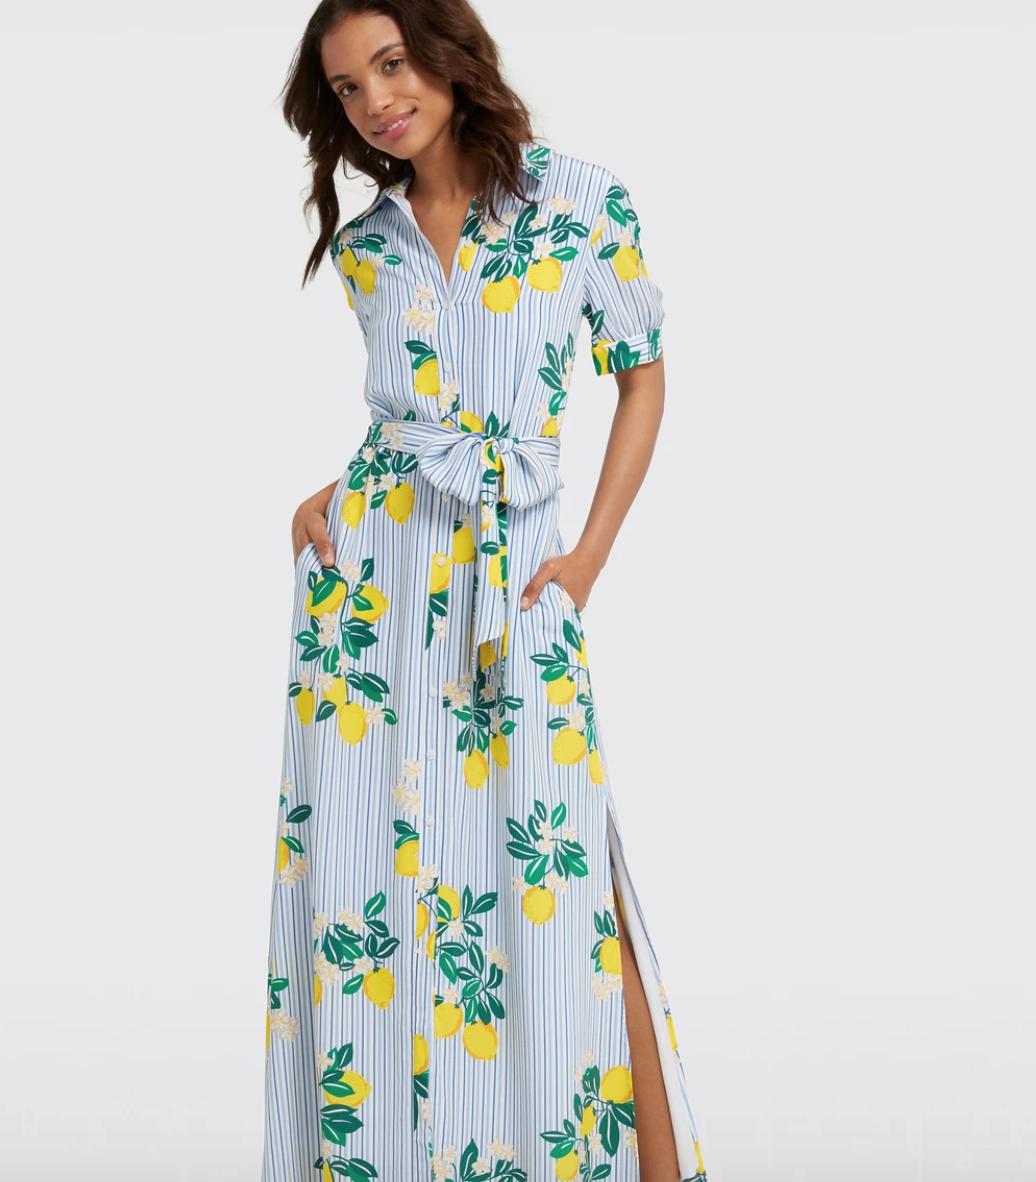 Vestido con estampado de limones, meghan Markle,